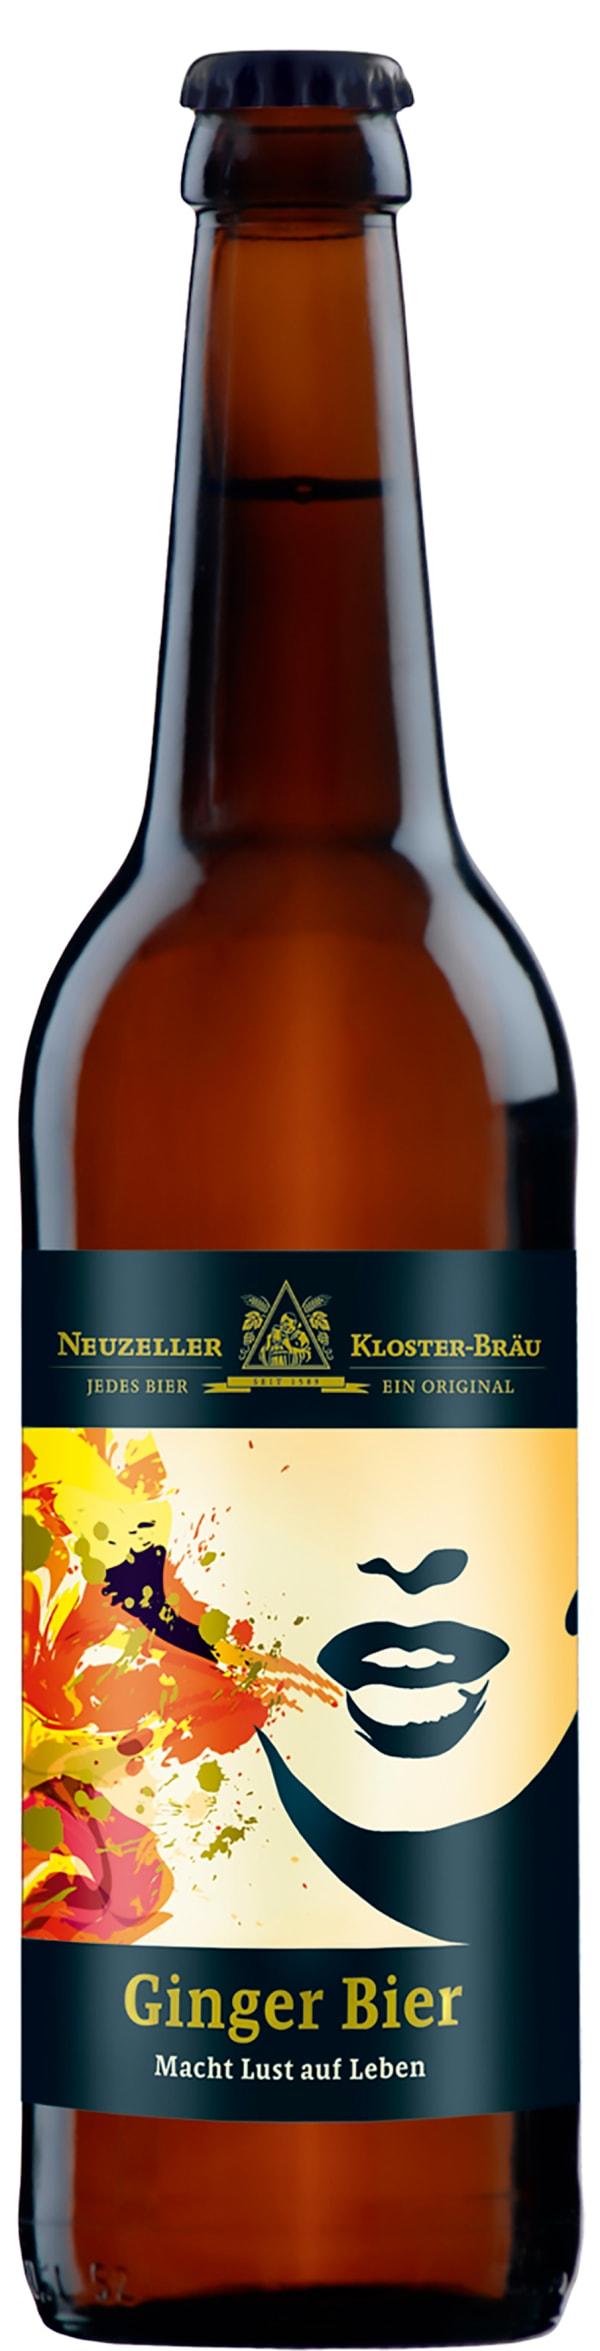 Neuzeller Ginger Bier